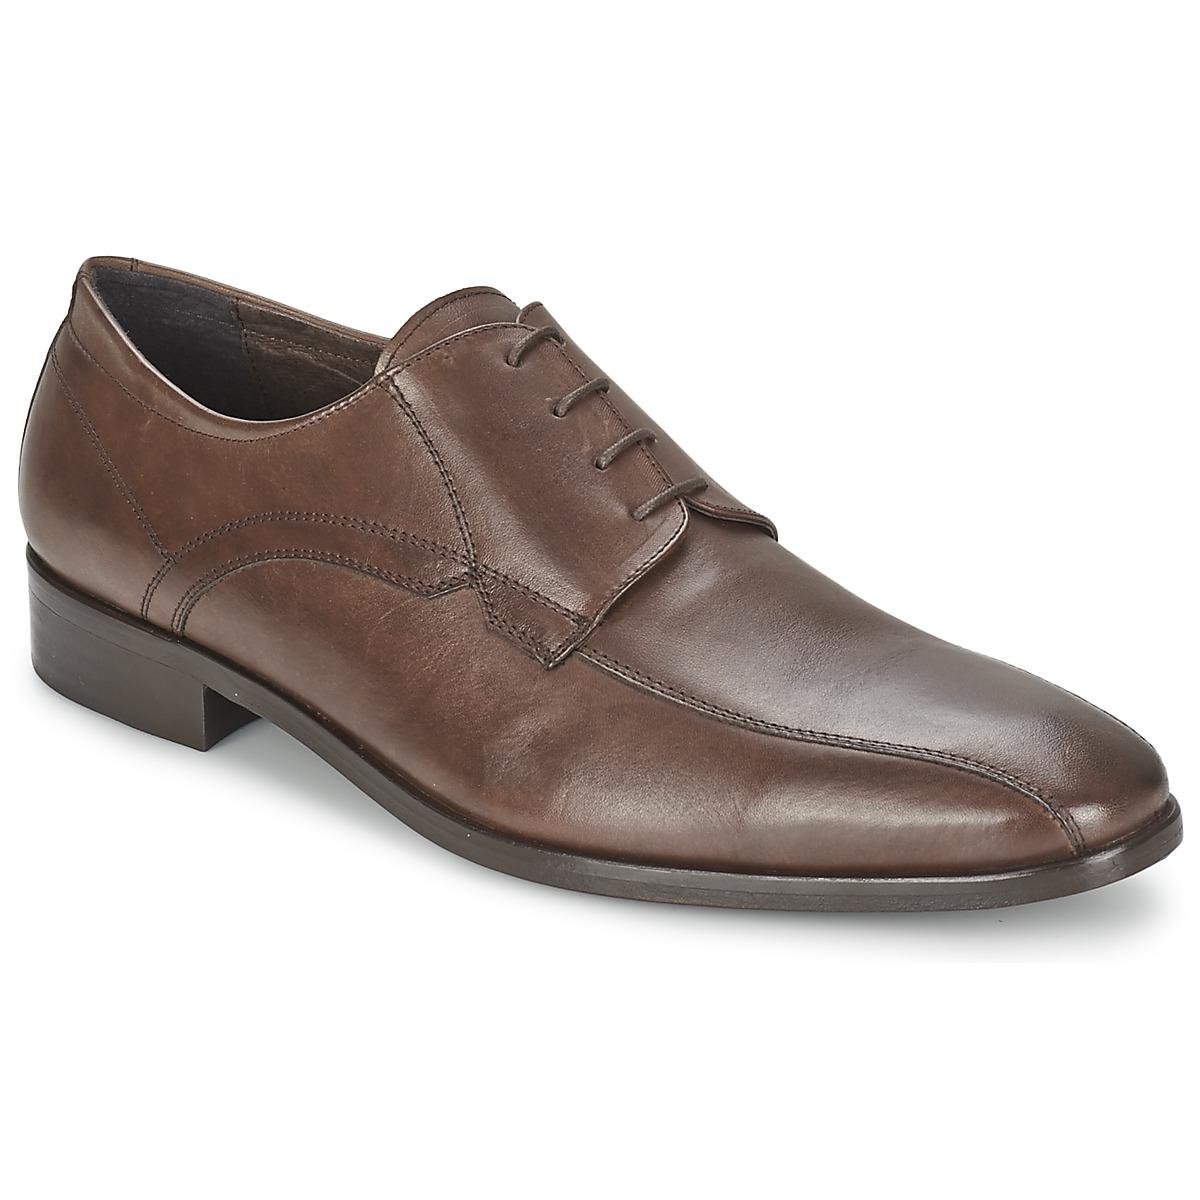 So Size CURRO Braun - Kostenloser Versand bei Spartoode ! - Schuhe Derby-Schuhe Herren 72,50 €